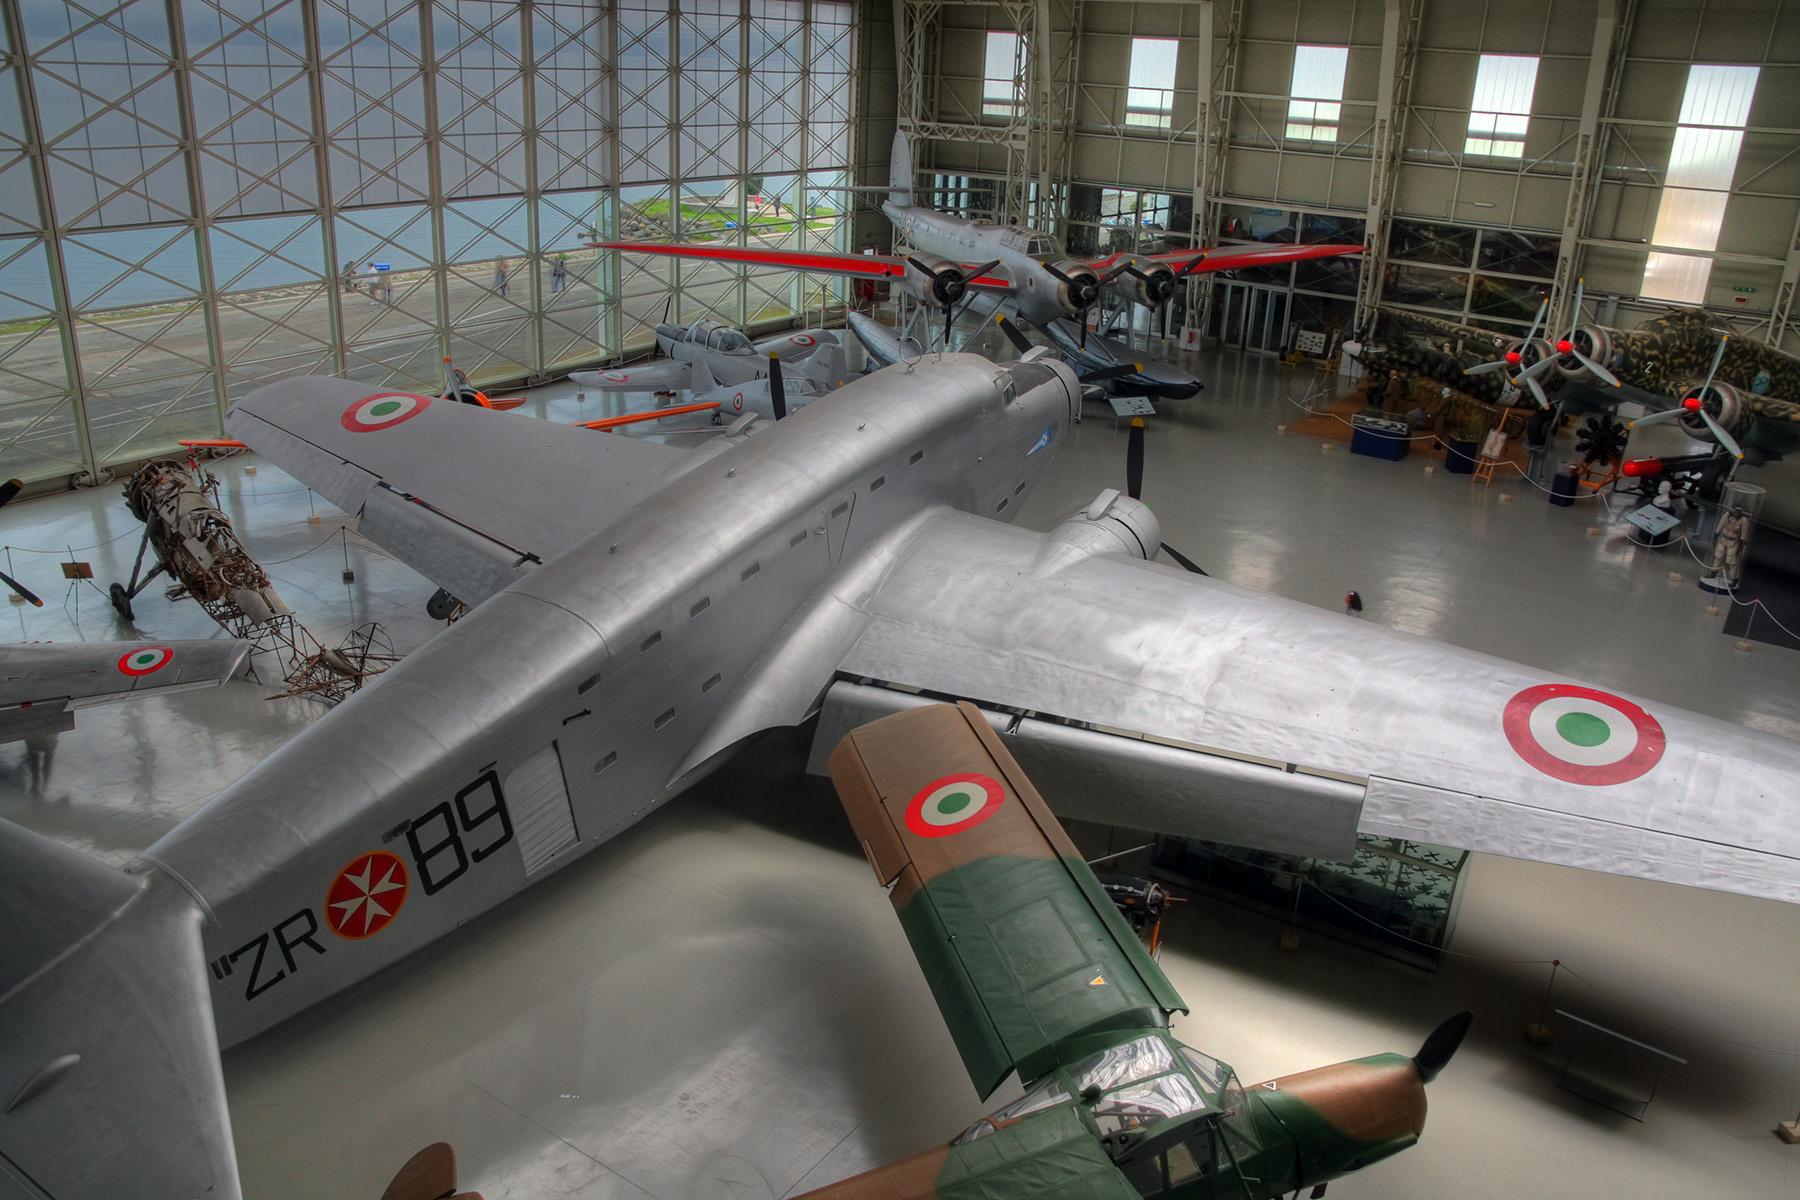 Museum of the Air Force Vigna di Valle (museo dell'aeronautica vigna di valle)